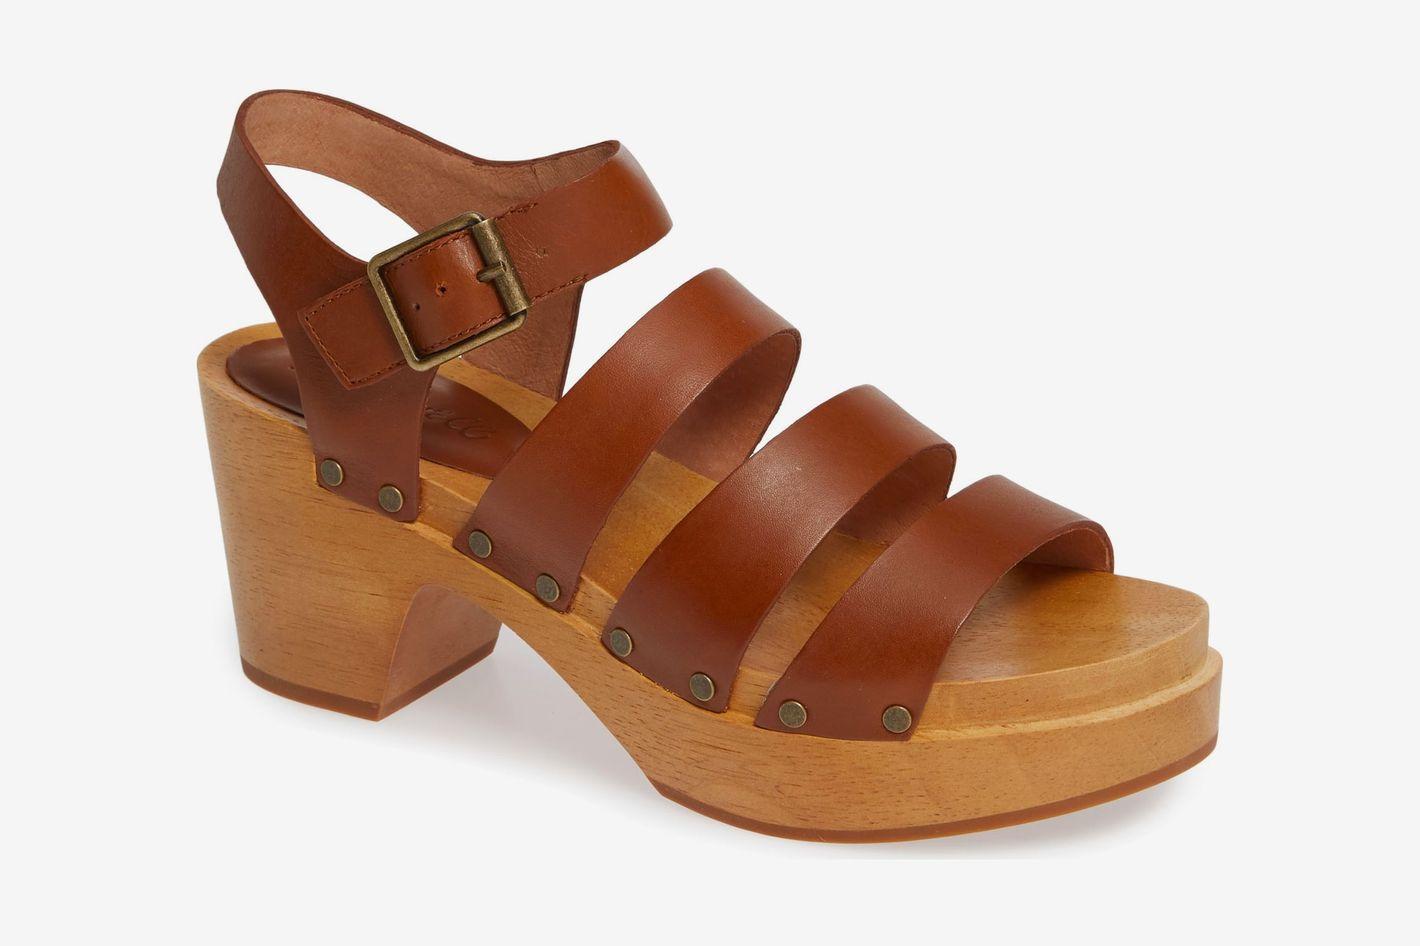 Madewell Clog Platform Sandal